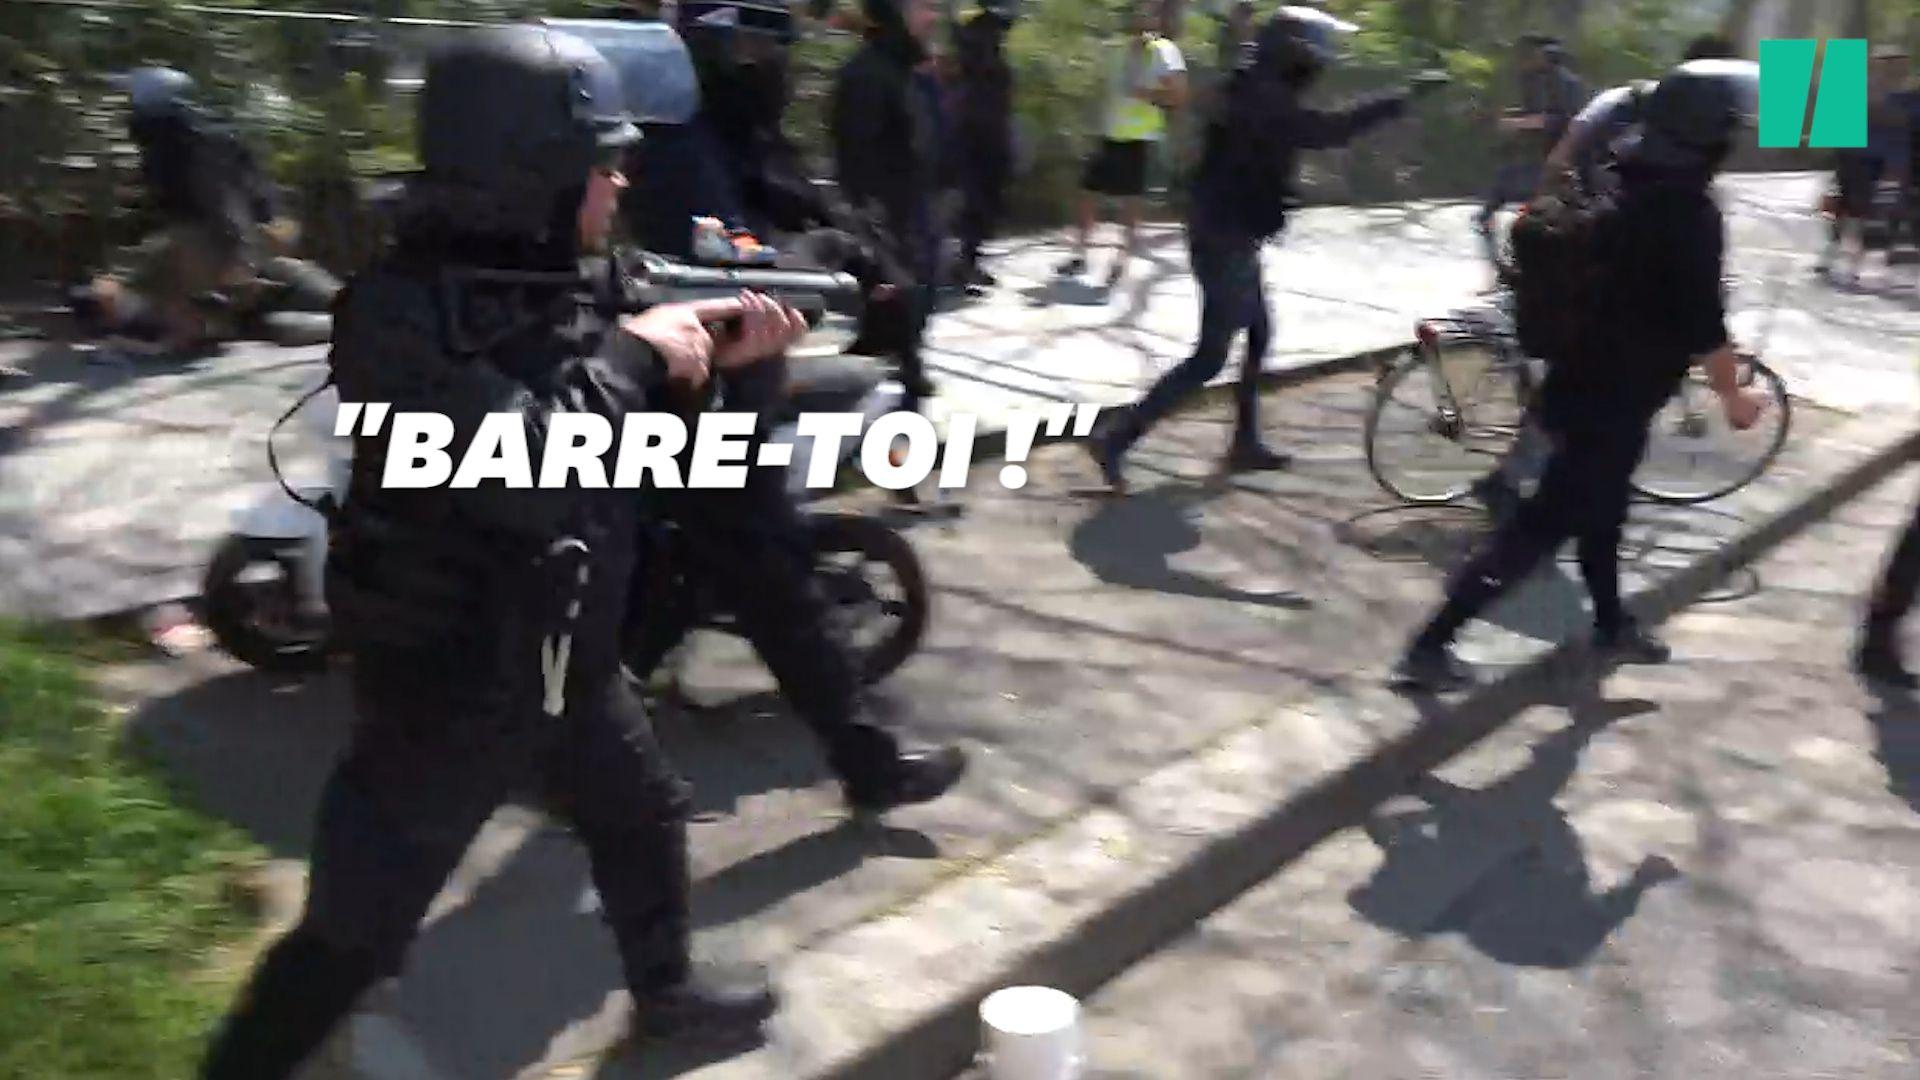 La situation s'est tendue à Paris, près de la place de la